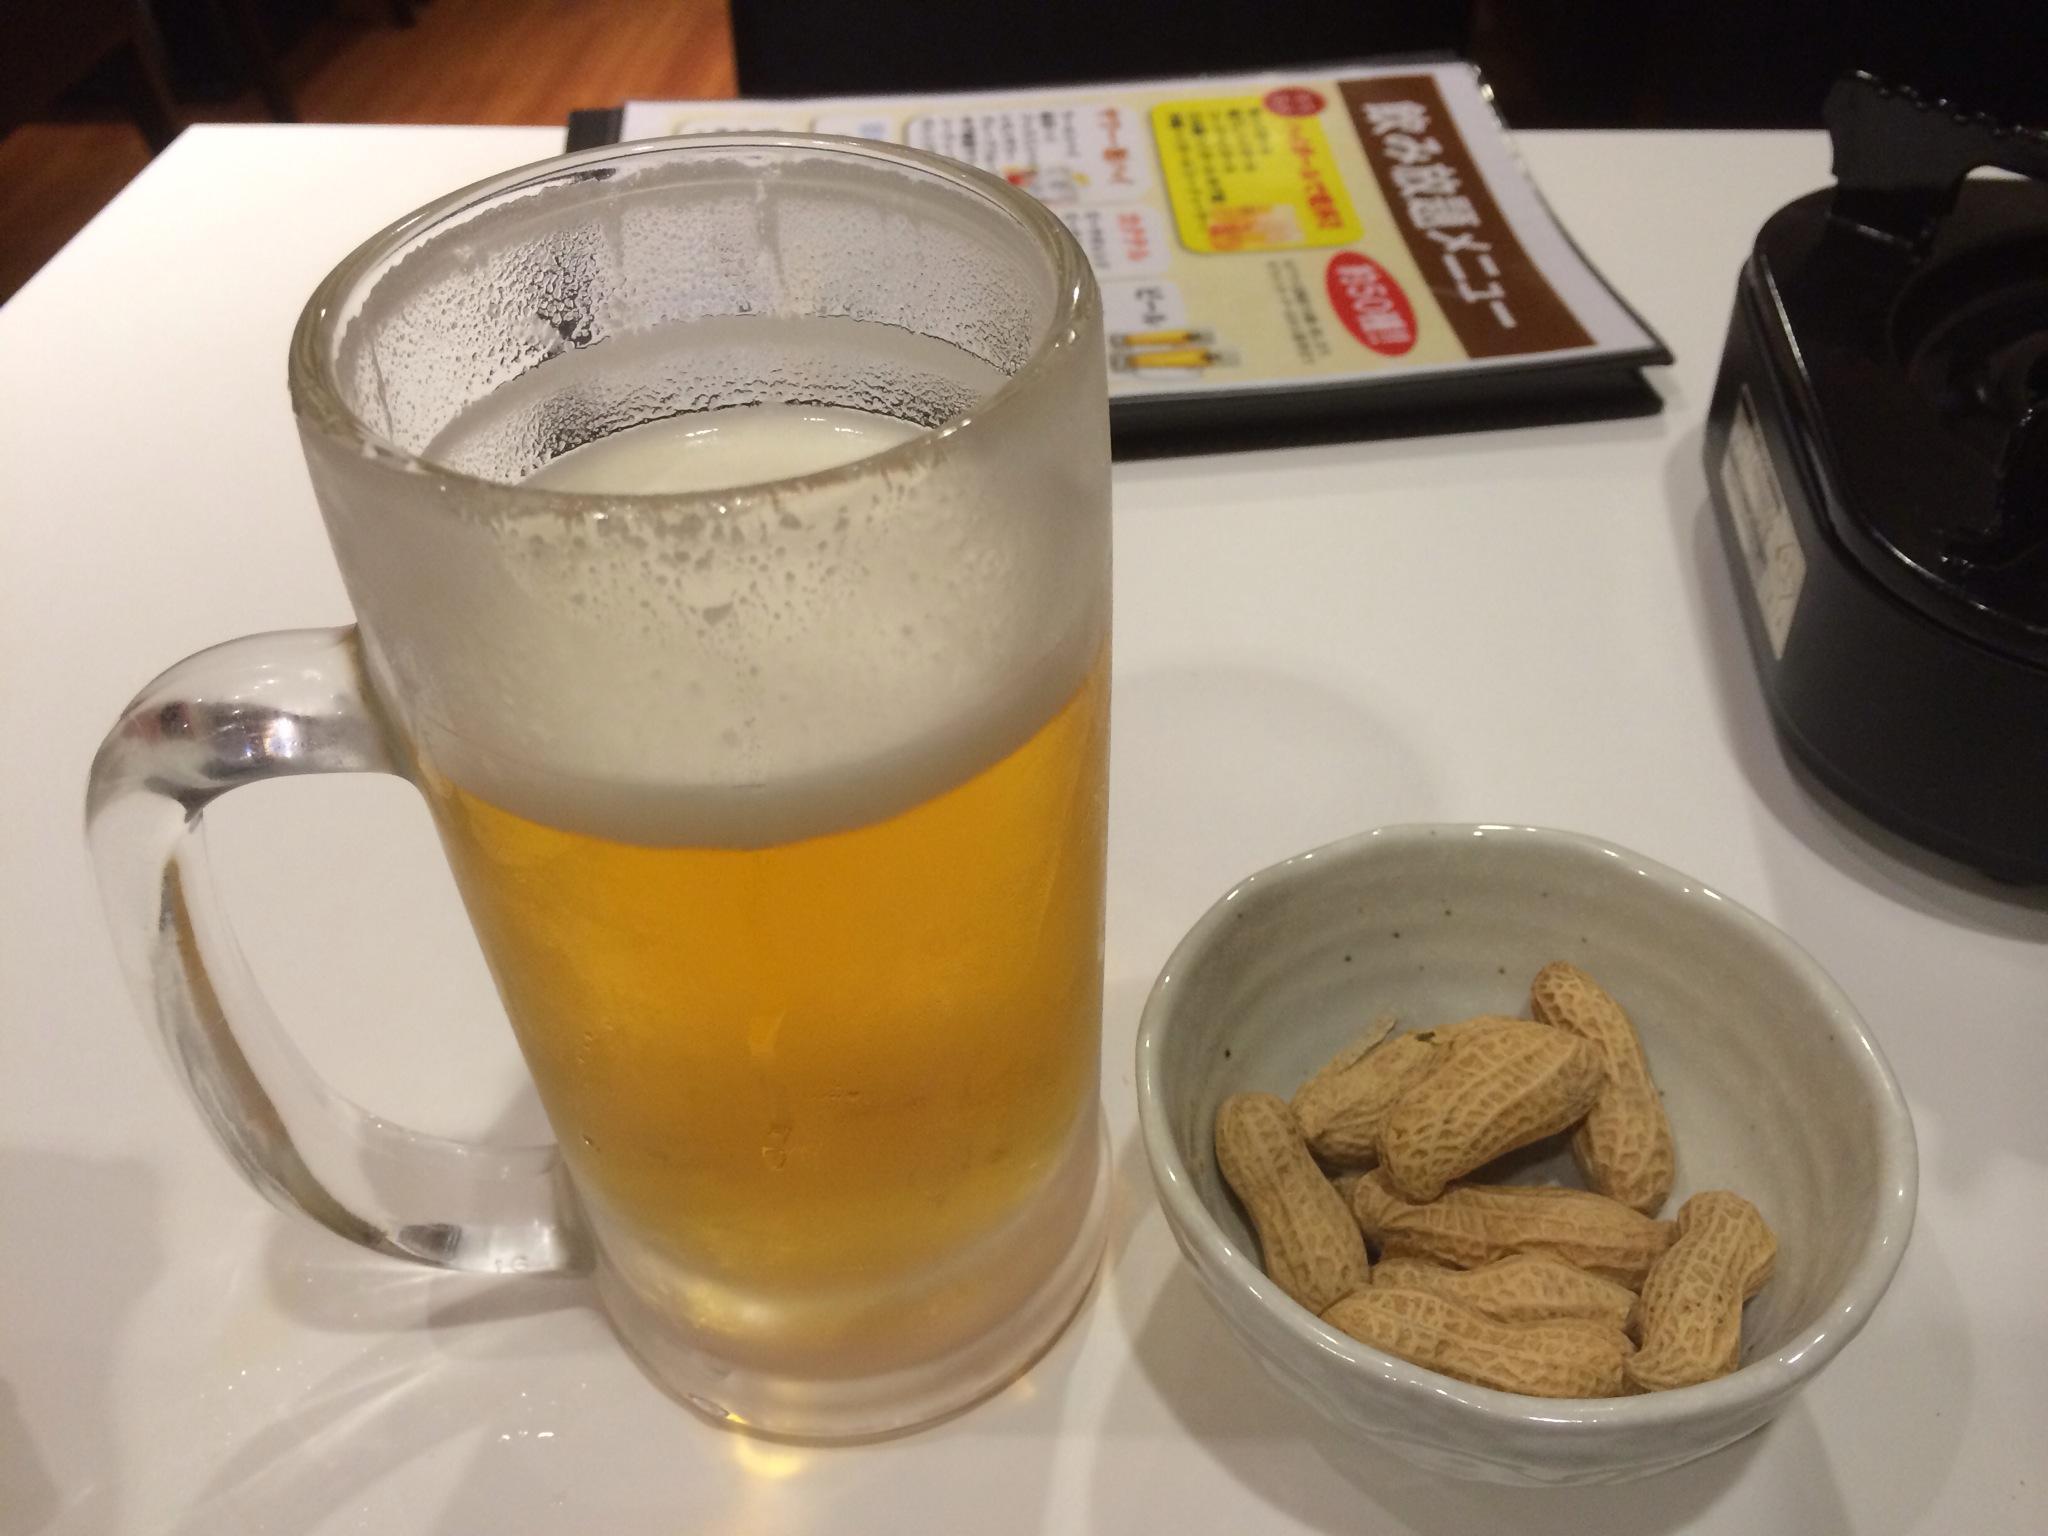 ビール(プレミアムモルツ)とお通しの落花生!